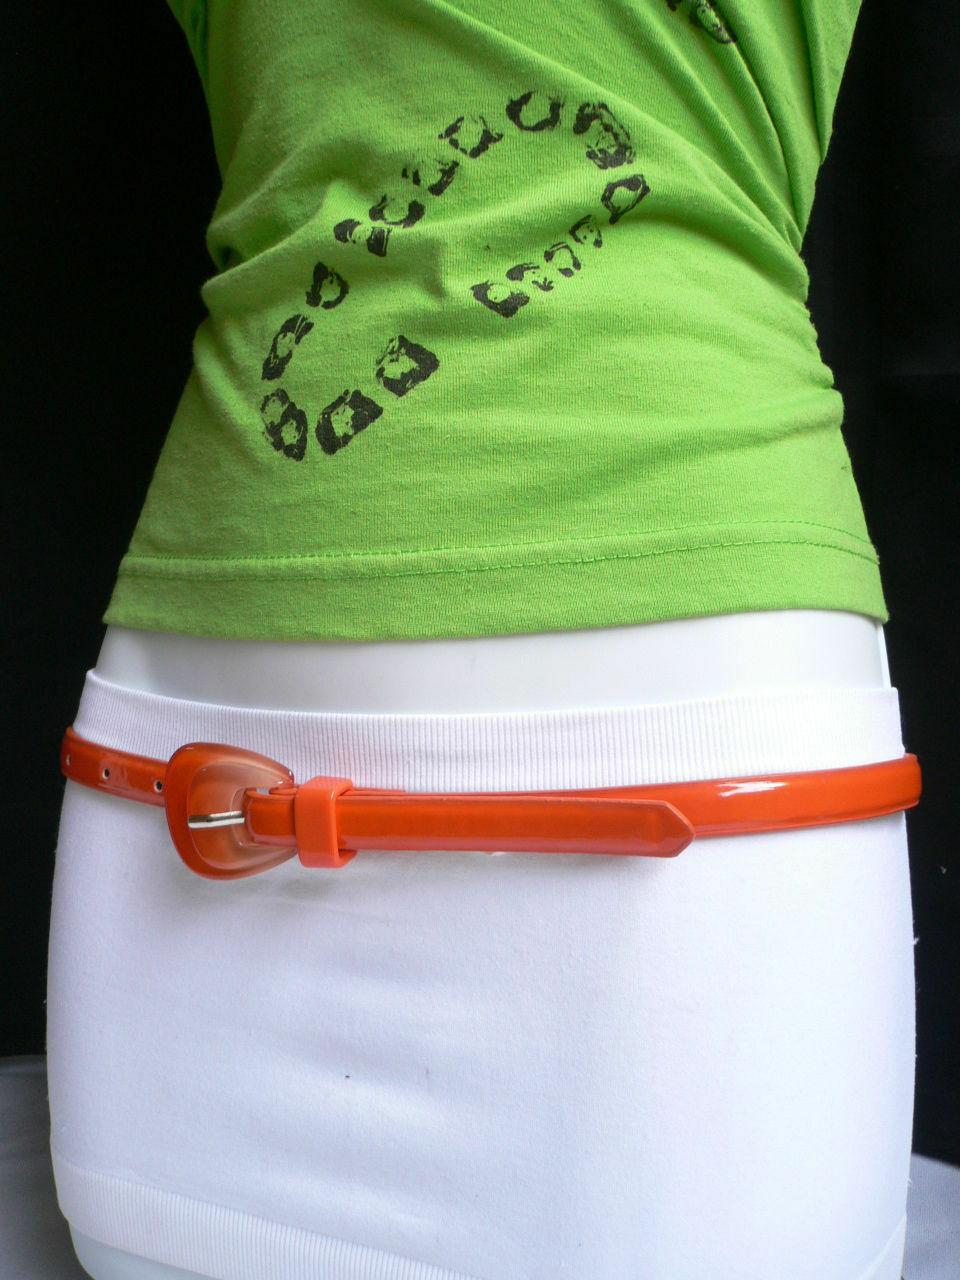 Neu Damen Mode Gürtel Trendy Skinny Hell Orange Kunstleder Schnalle S M image 7